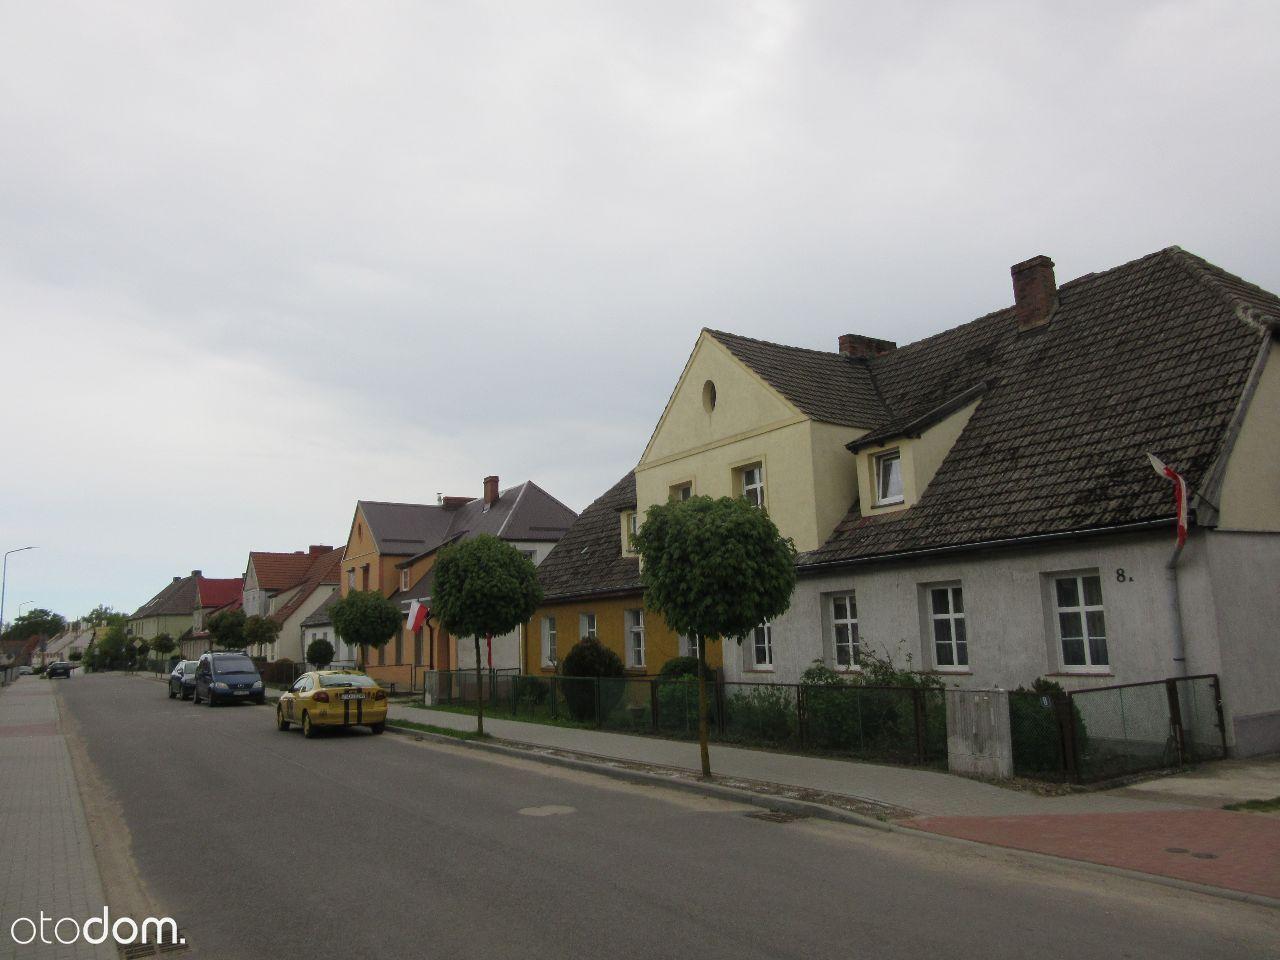 Mieszkanie na sprzedaż, Połczyn-Zdrój, świdwiński, zachodniopomorskie - Foto 1